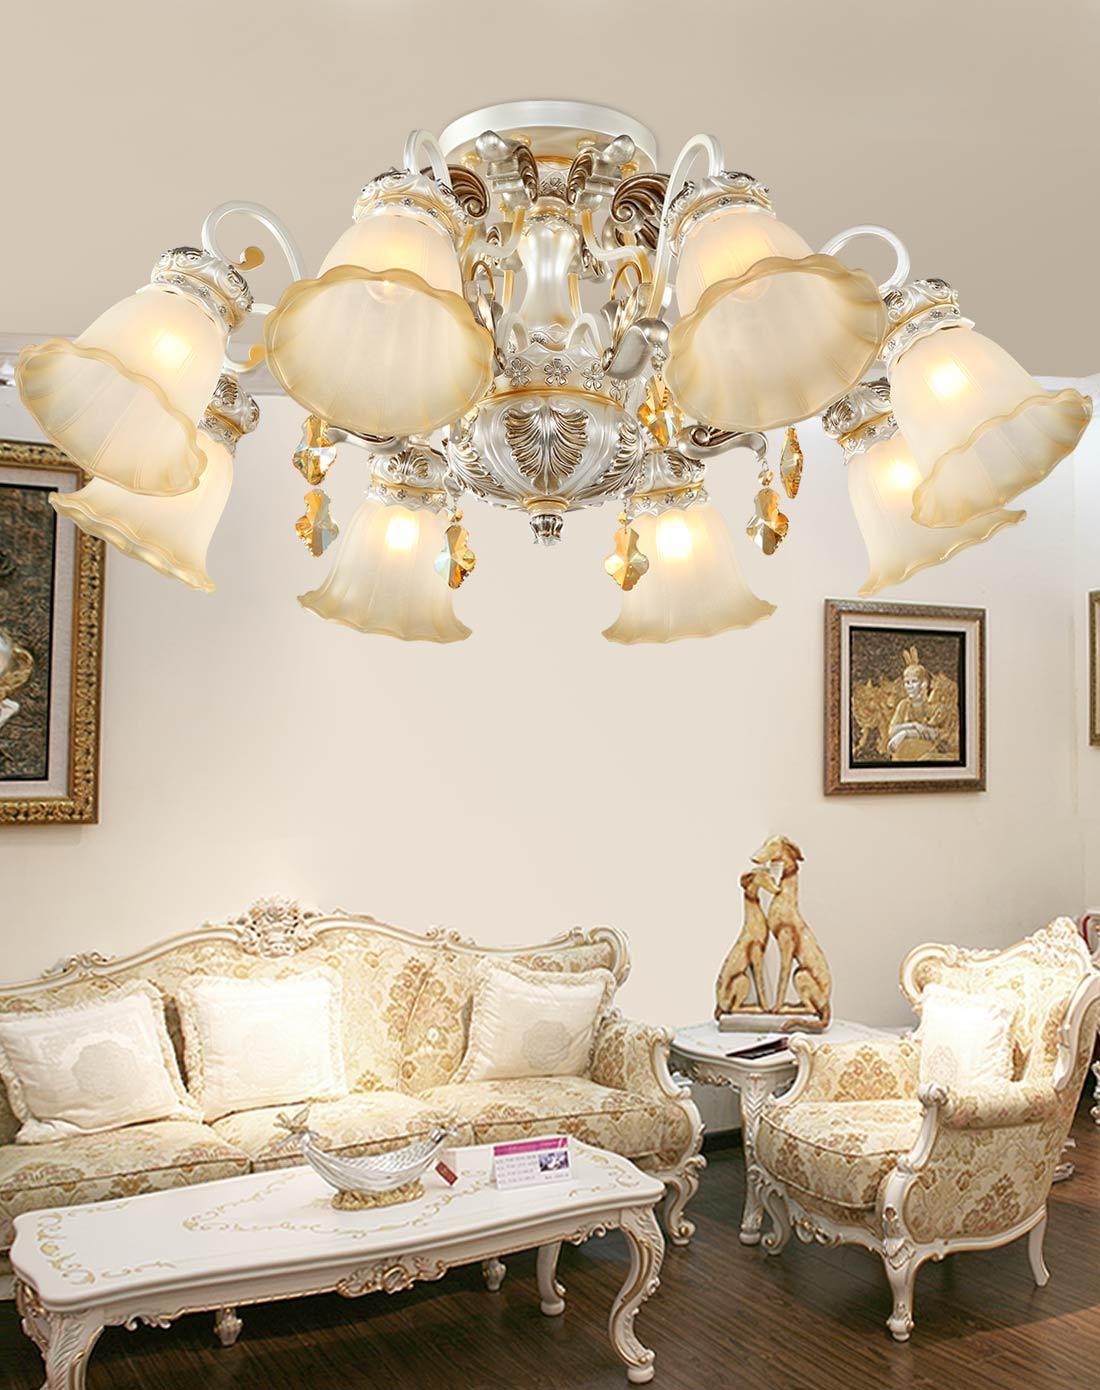 歐式客廳燈飾 8頭矮戶型燈具